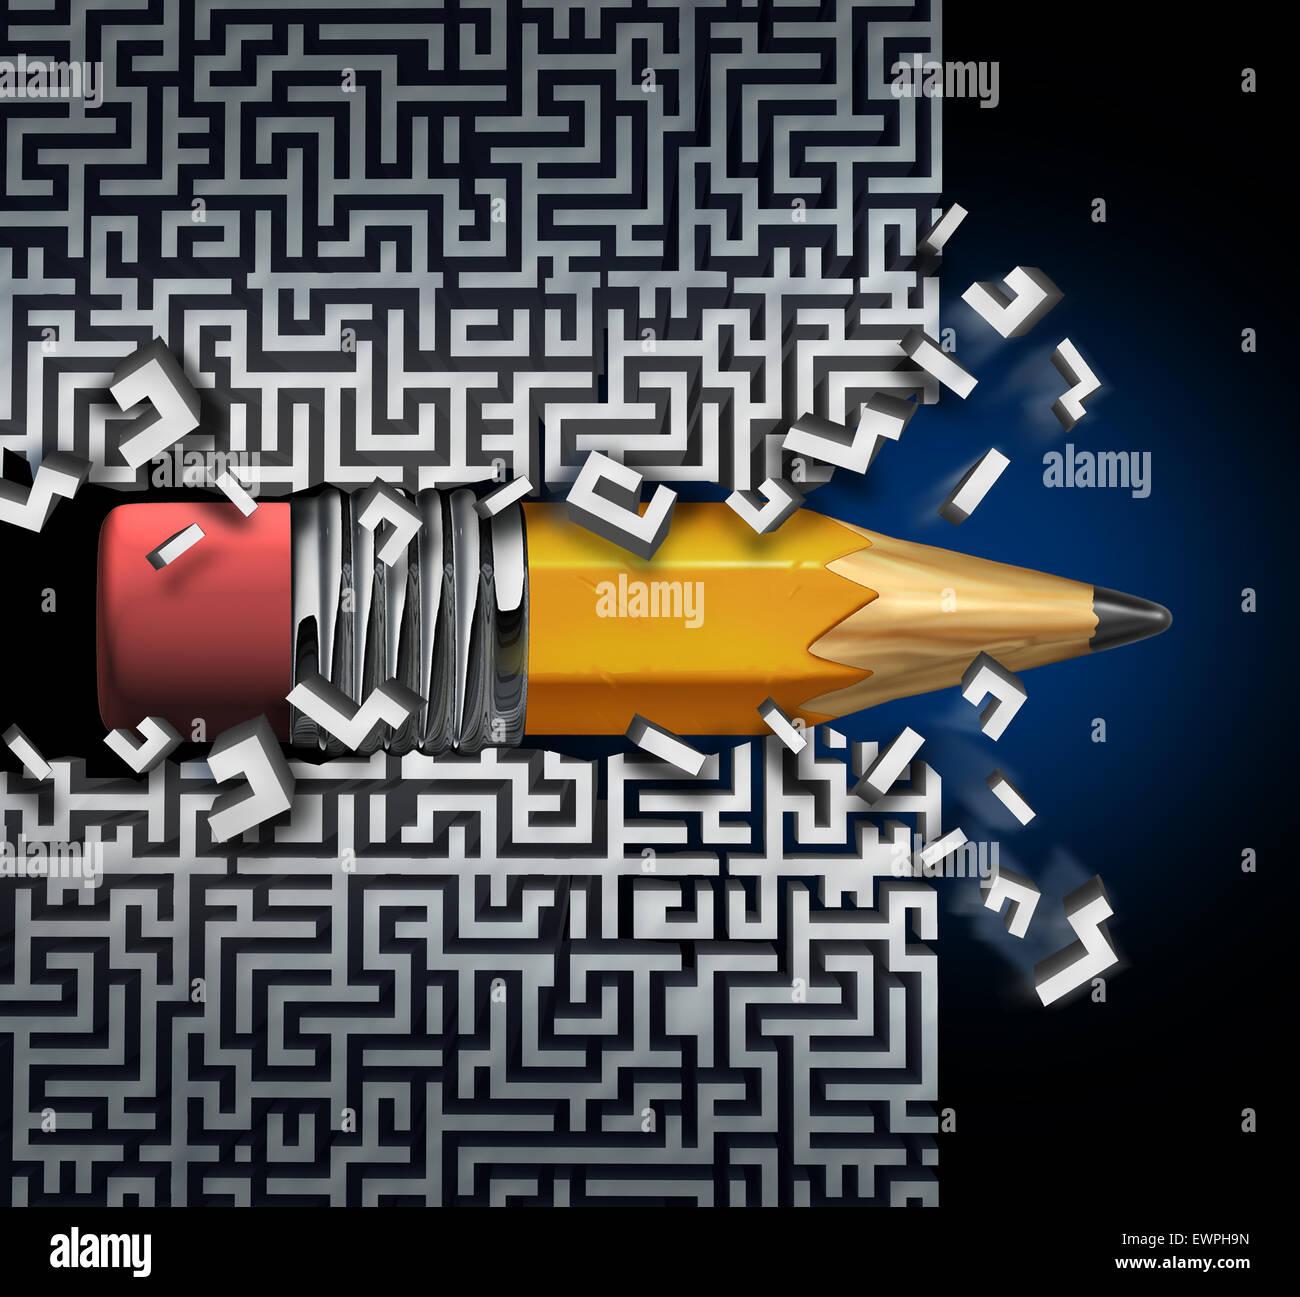 Solución innovadora plan como un lápiz tratando de encontrar la forma de salir del laberinto romper el Imagen De Stock